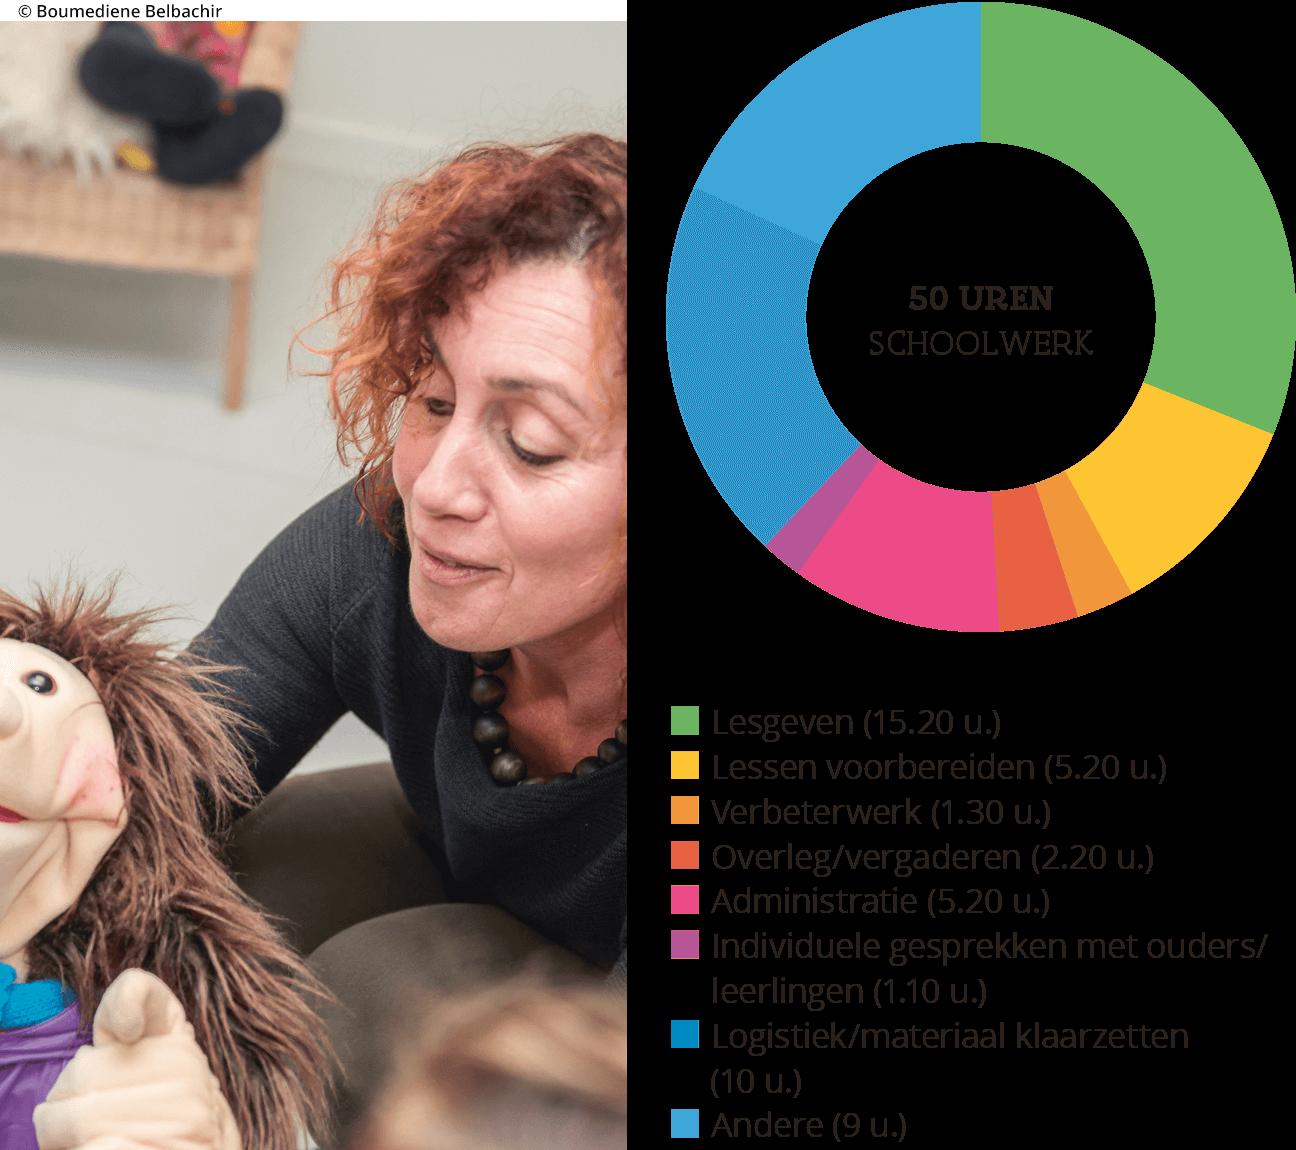 grafiek met tijdsbesteding van Ann Goossens